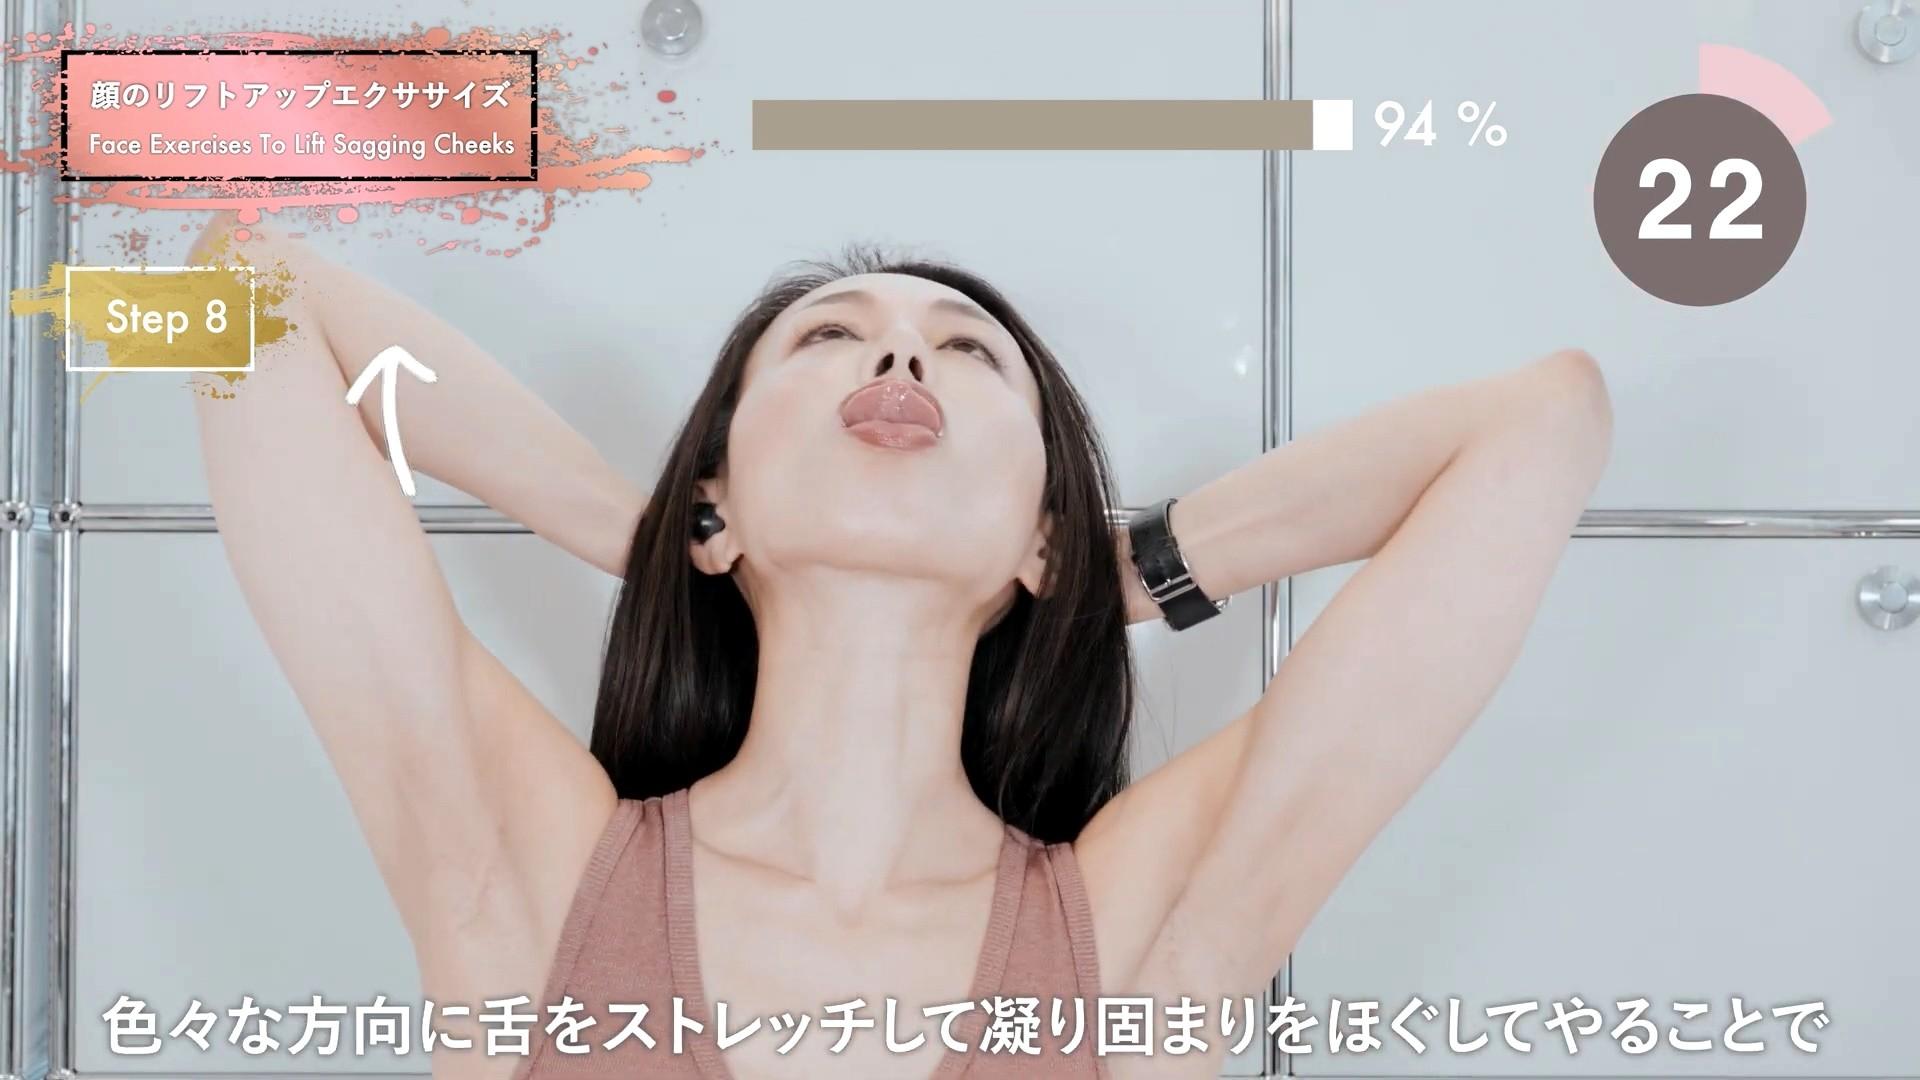 四十路美魔女の腋見せ舌トレ (13)